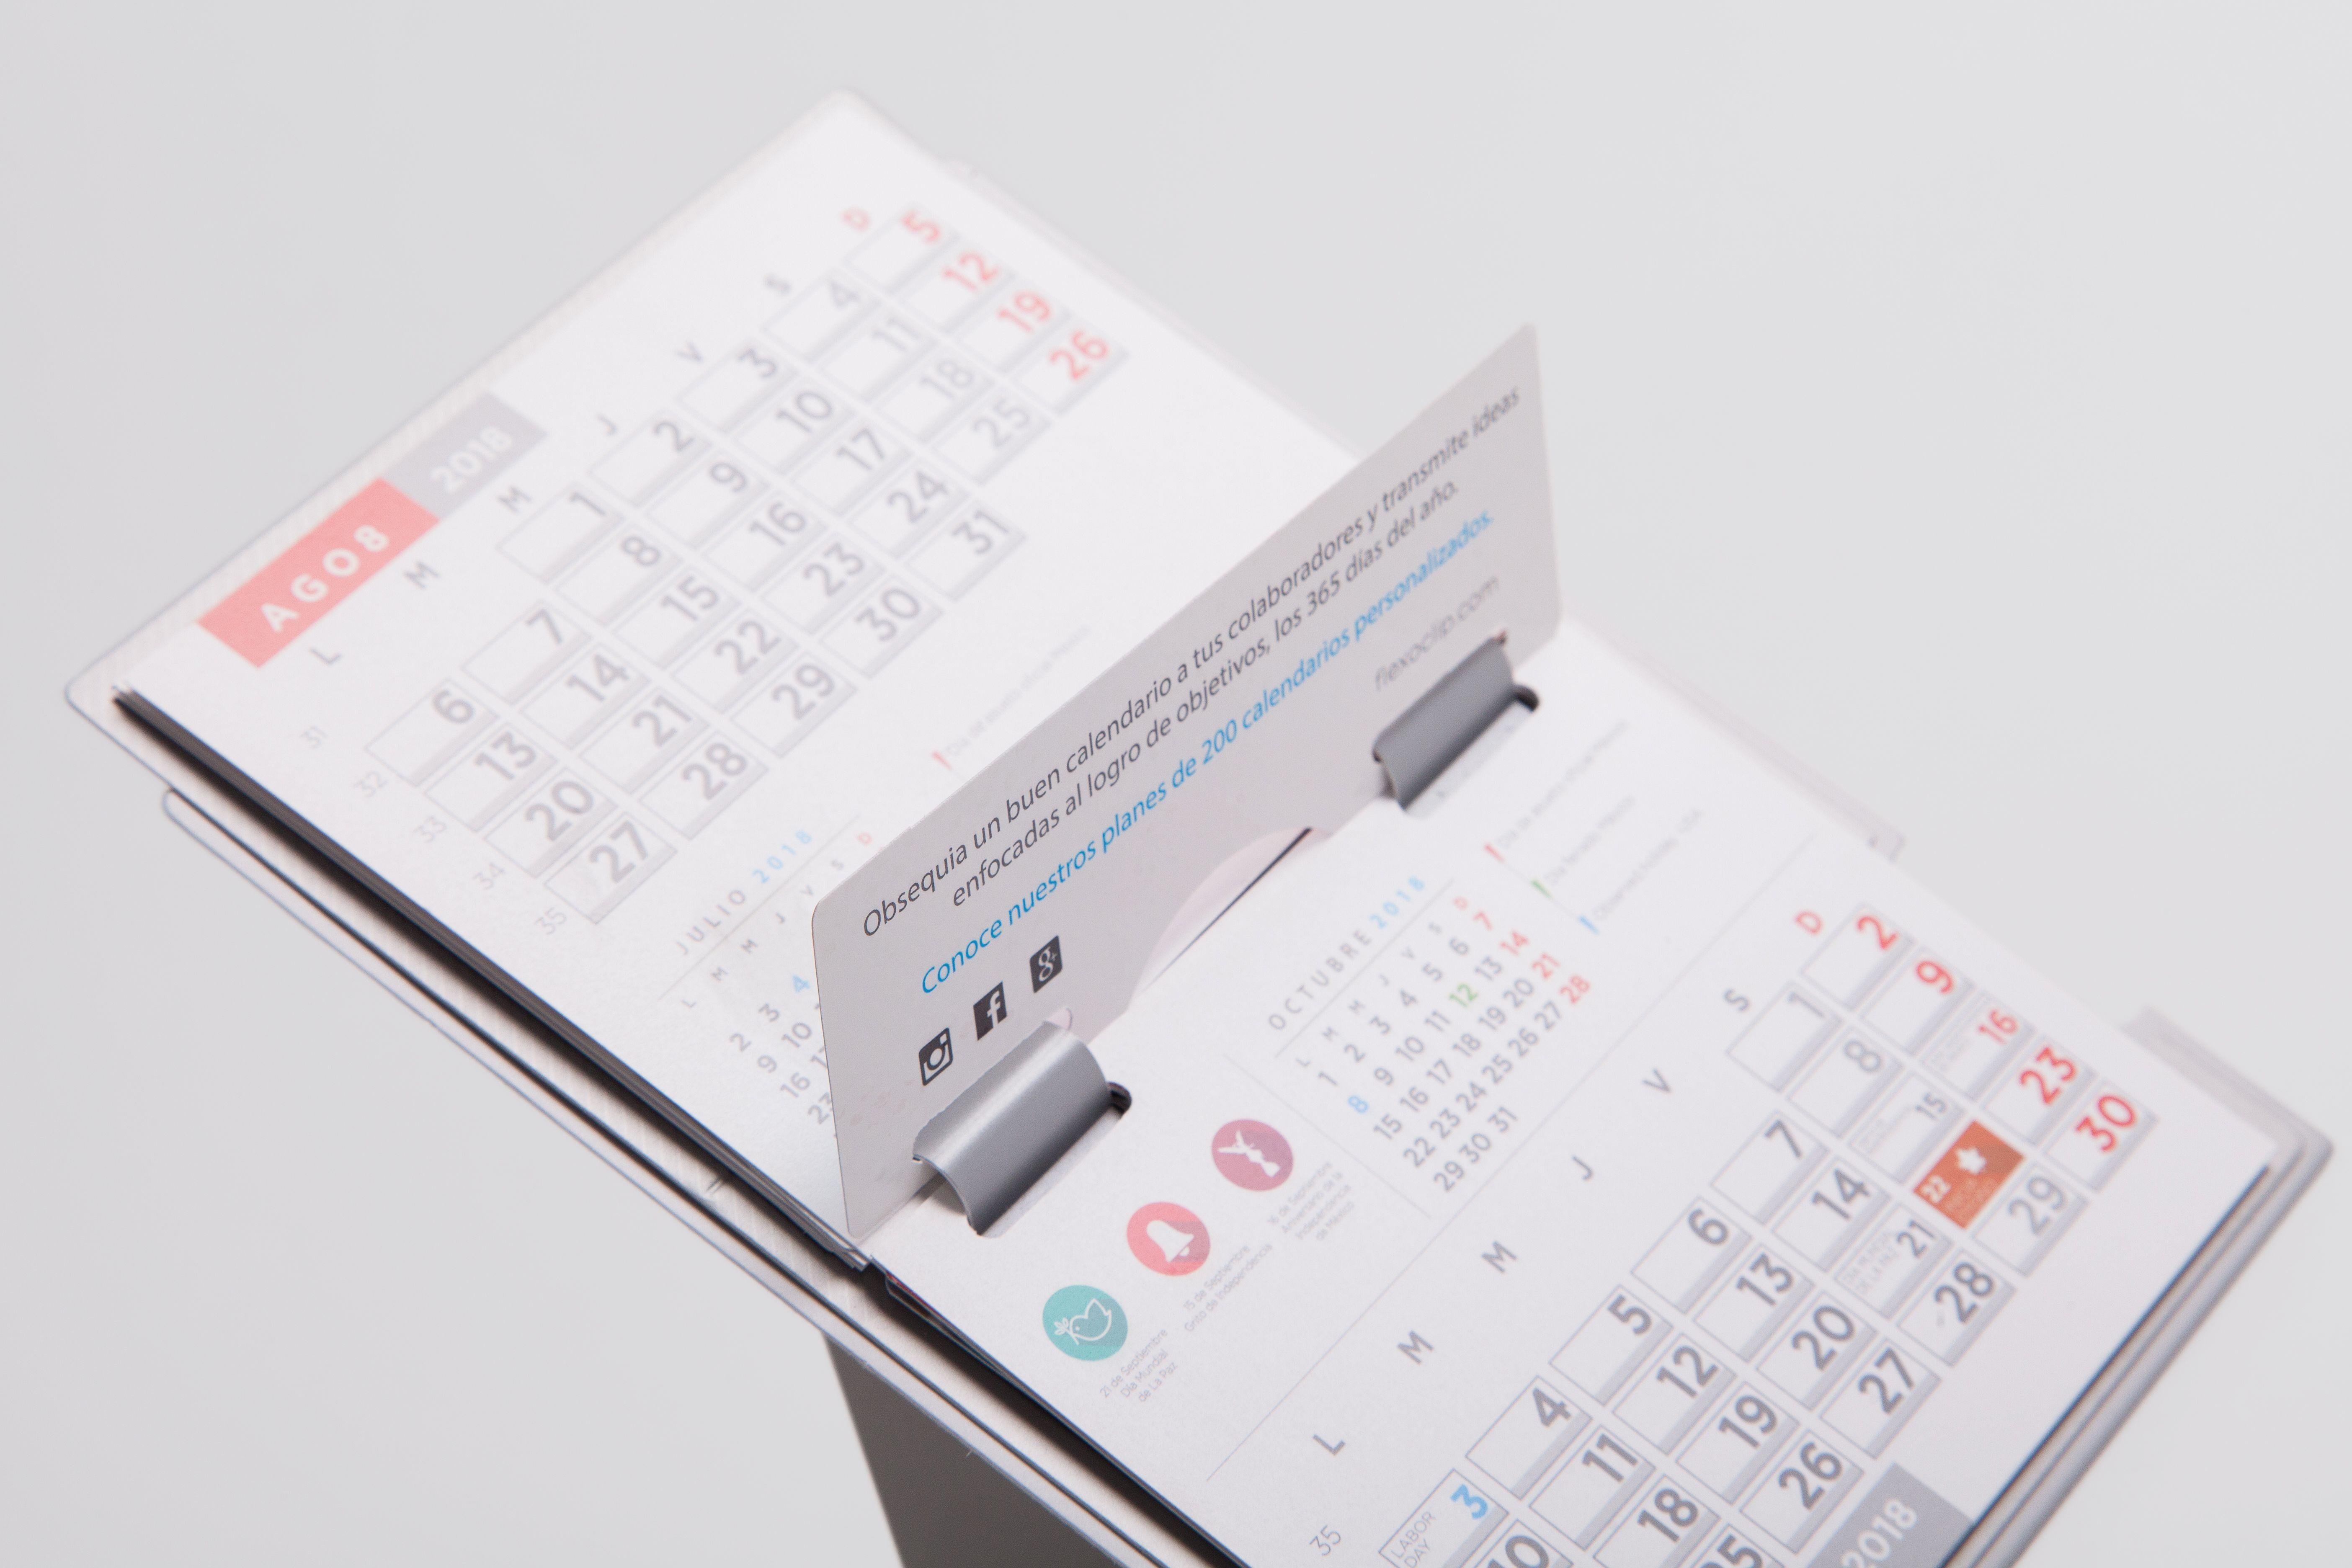 Calendario Agenda Febrero 2018 Más Reciente Flexoclip Desk Calendar Desk Calendars Of Calendario Agenda Febrero 2018 Más Reciente Calendario Marzo 2019 Argentina